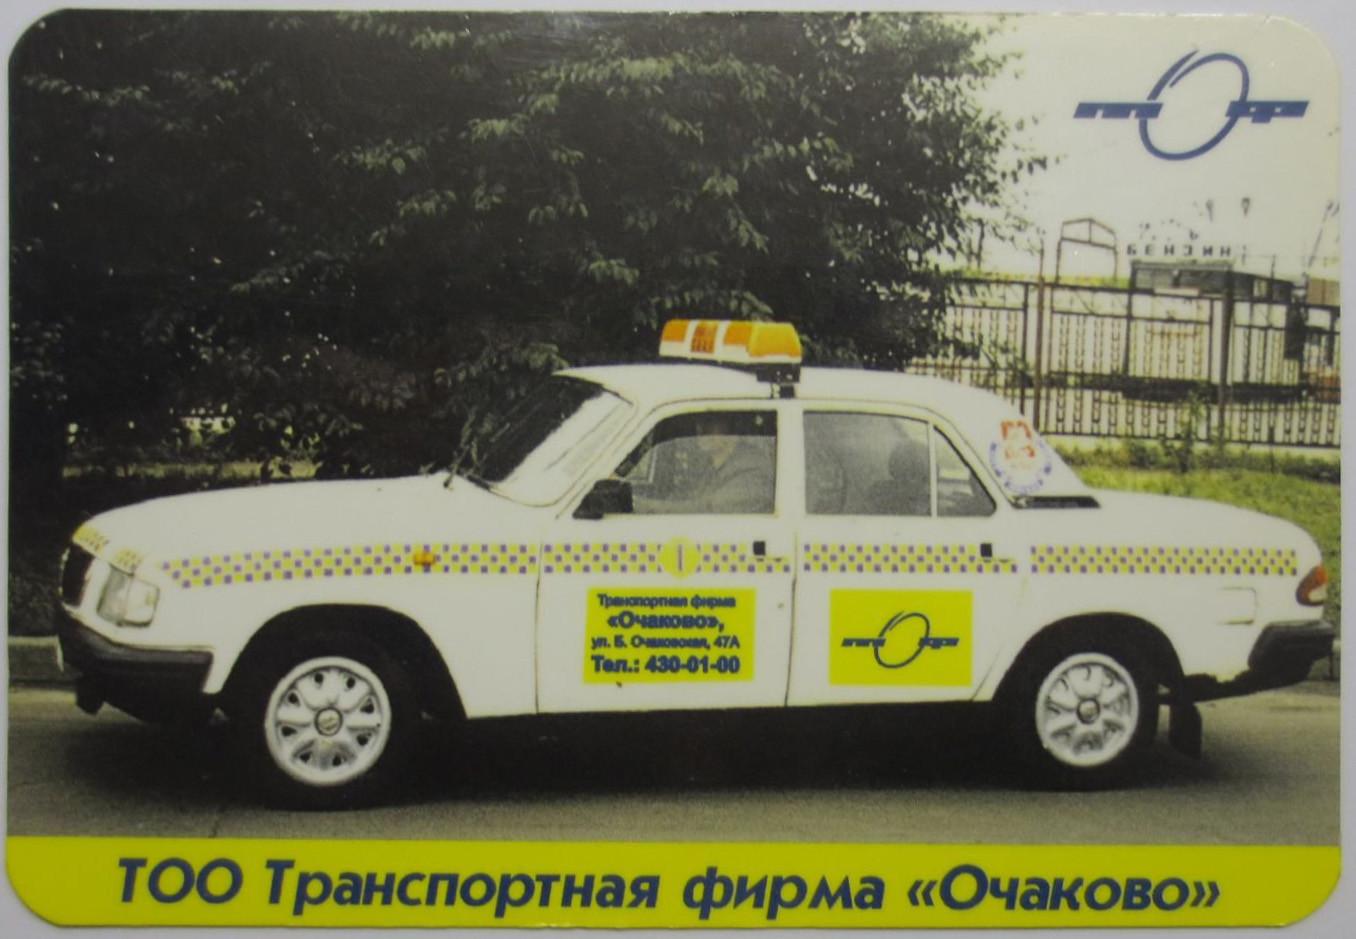 Транспортная фирма Очаково. Реклама на календарике 1998 г.